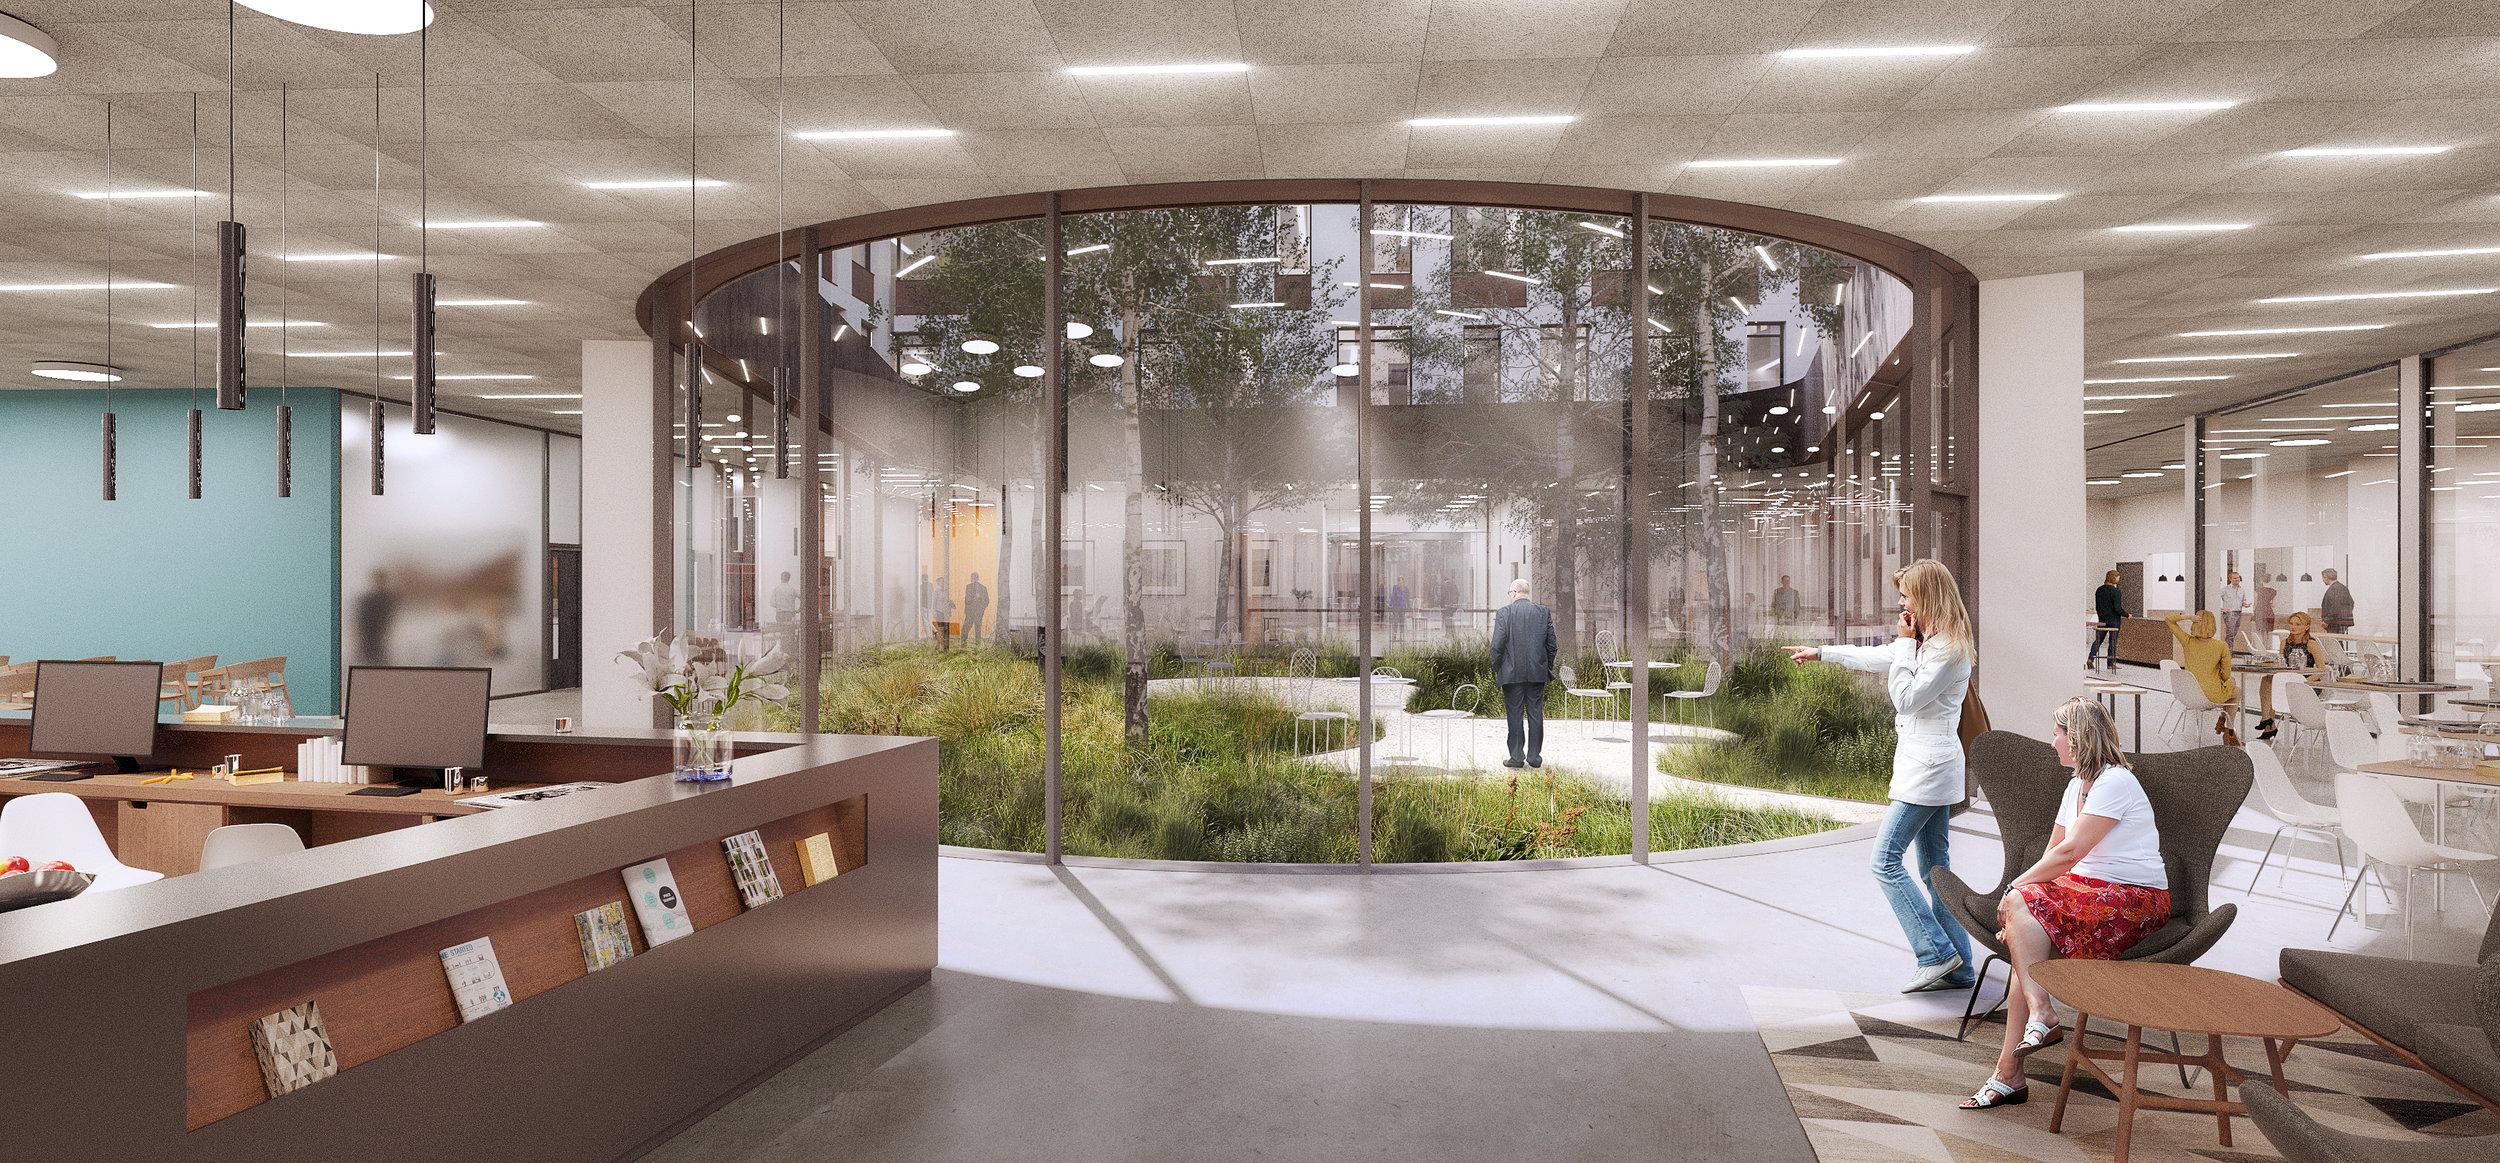 Fælles atriumhave, som giver lys og fælles uderum.